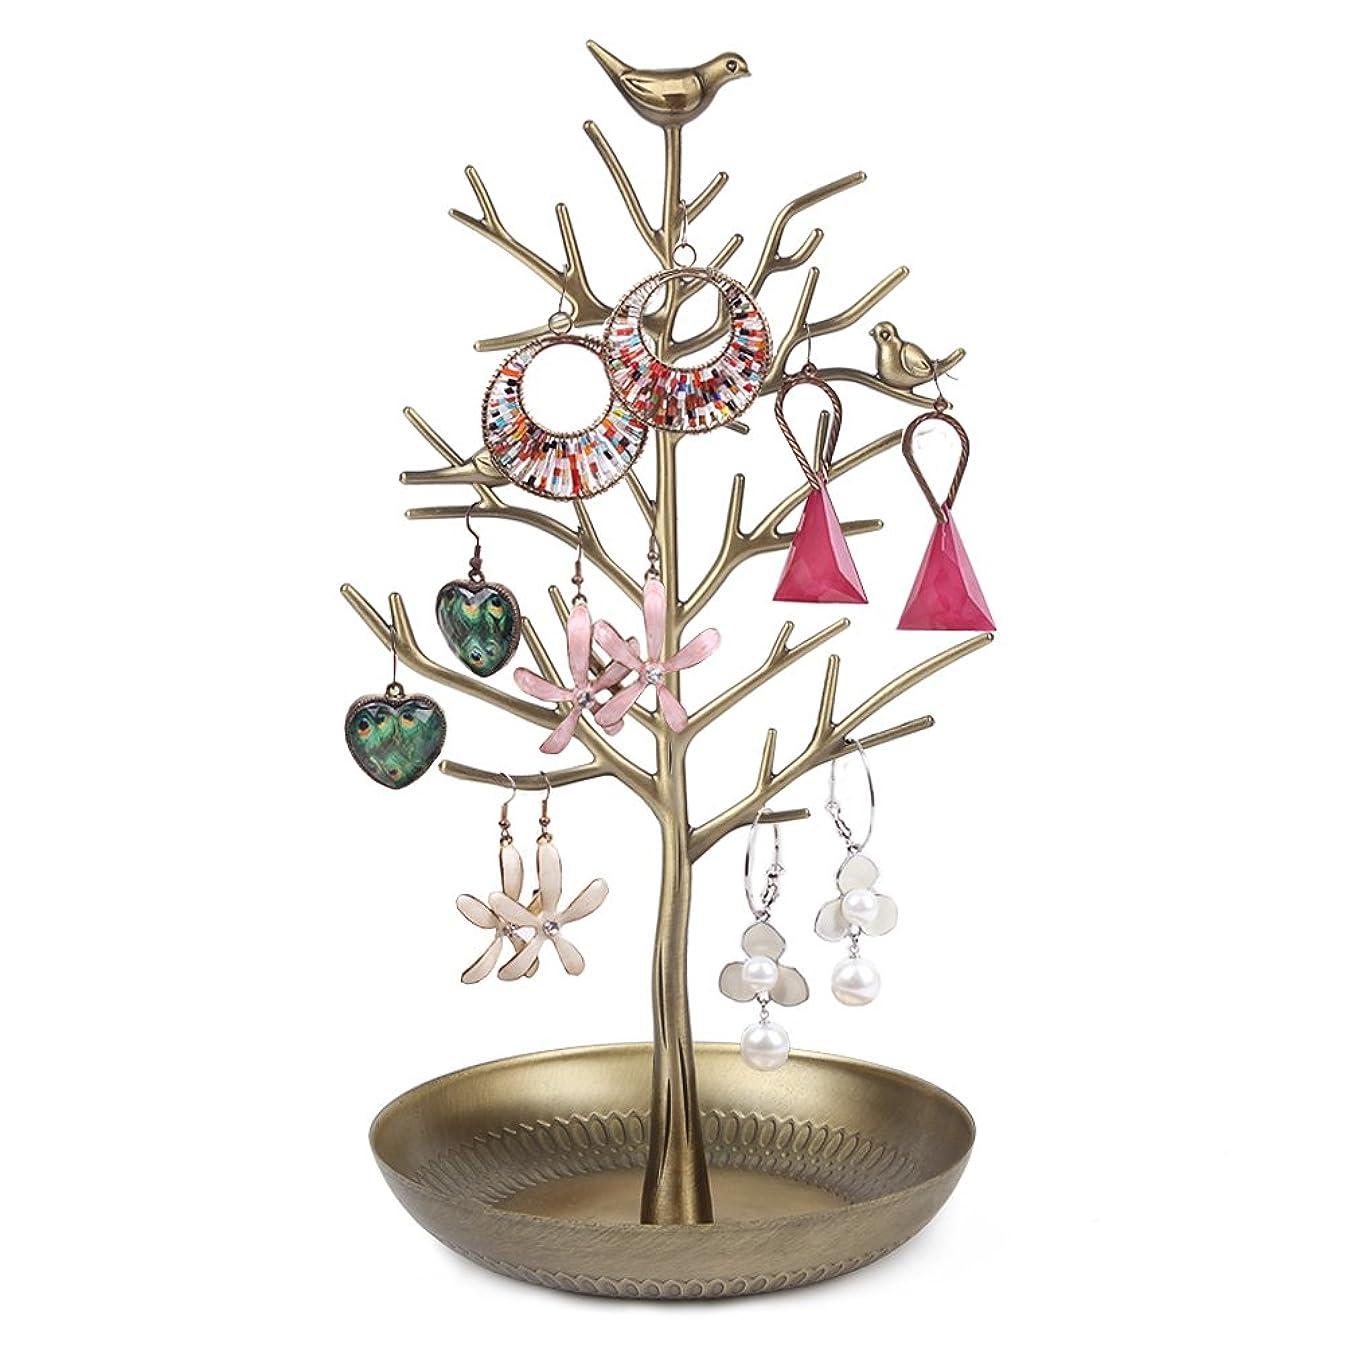 バッテリー定説キャンパスアンティーク風 小鳥がとまる 美しい ツリー型 アクセサリー スタンド ネックレス ピアス イヤリング も 収納できる おしゃれで かわいい ジュエリースタンド プレゼント にも大人気 (ゴールド)